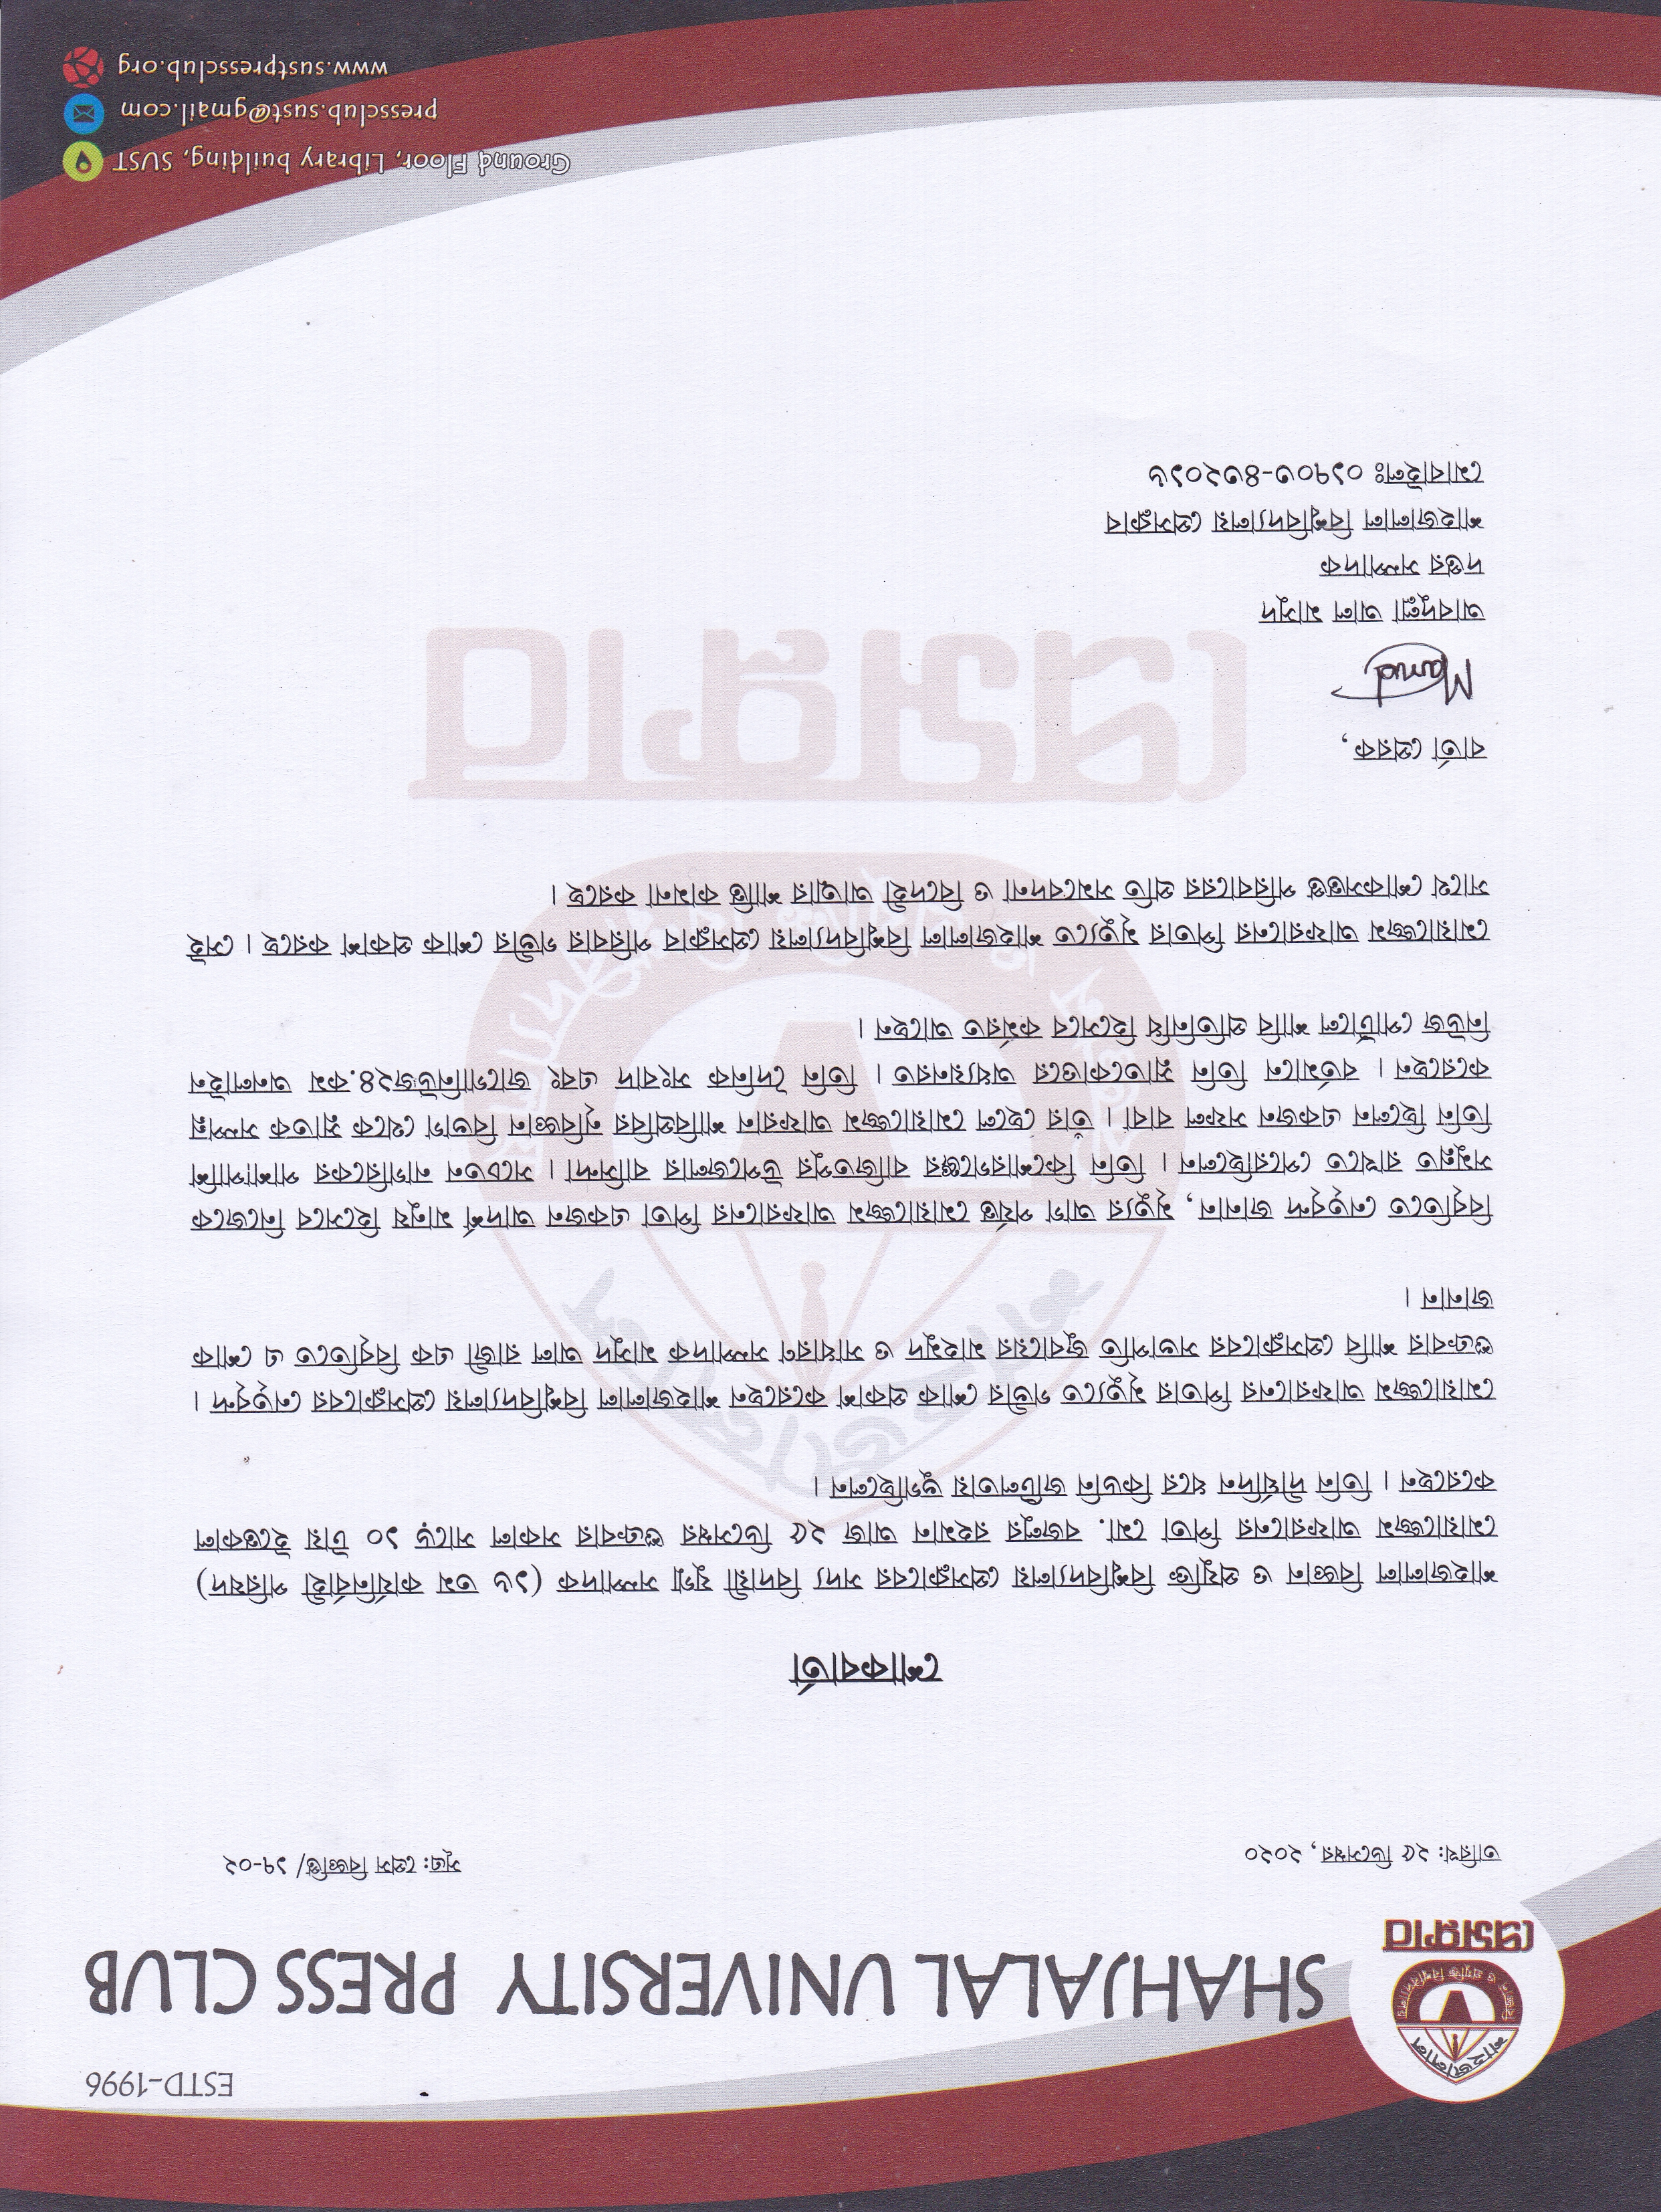 শাহজালাল বিশ্ববিদ্যালয় প্রেসক্লাবের সদ্য বিদায়ী যুগ্ম সম্পাদক মোয়াজ্জেম আফরানের পিতার মৃত্যুতে শাবি প্রেসক্লাবের শোক